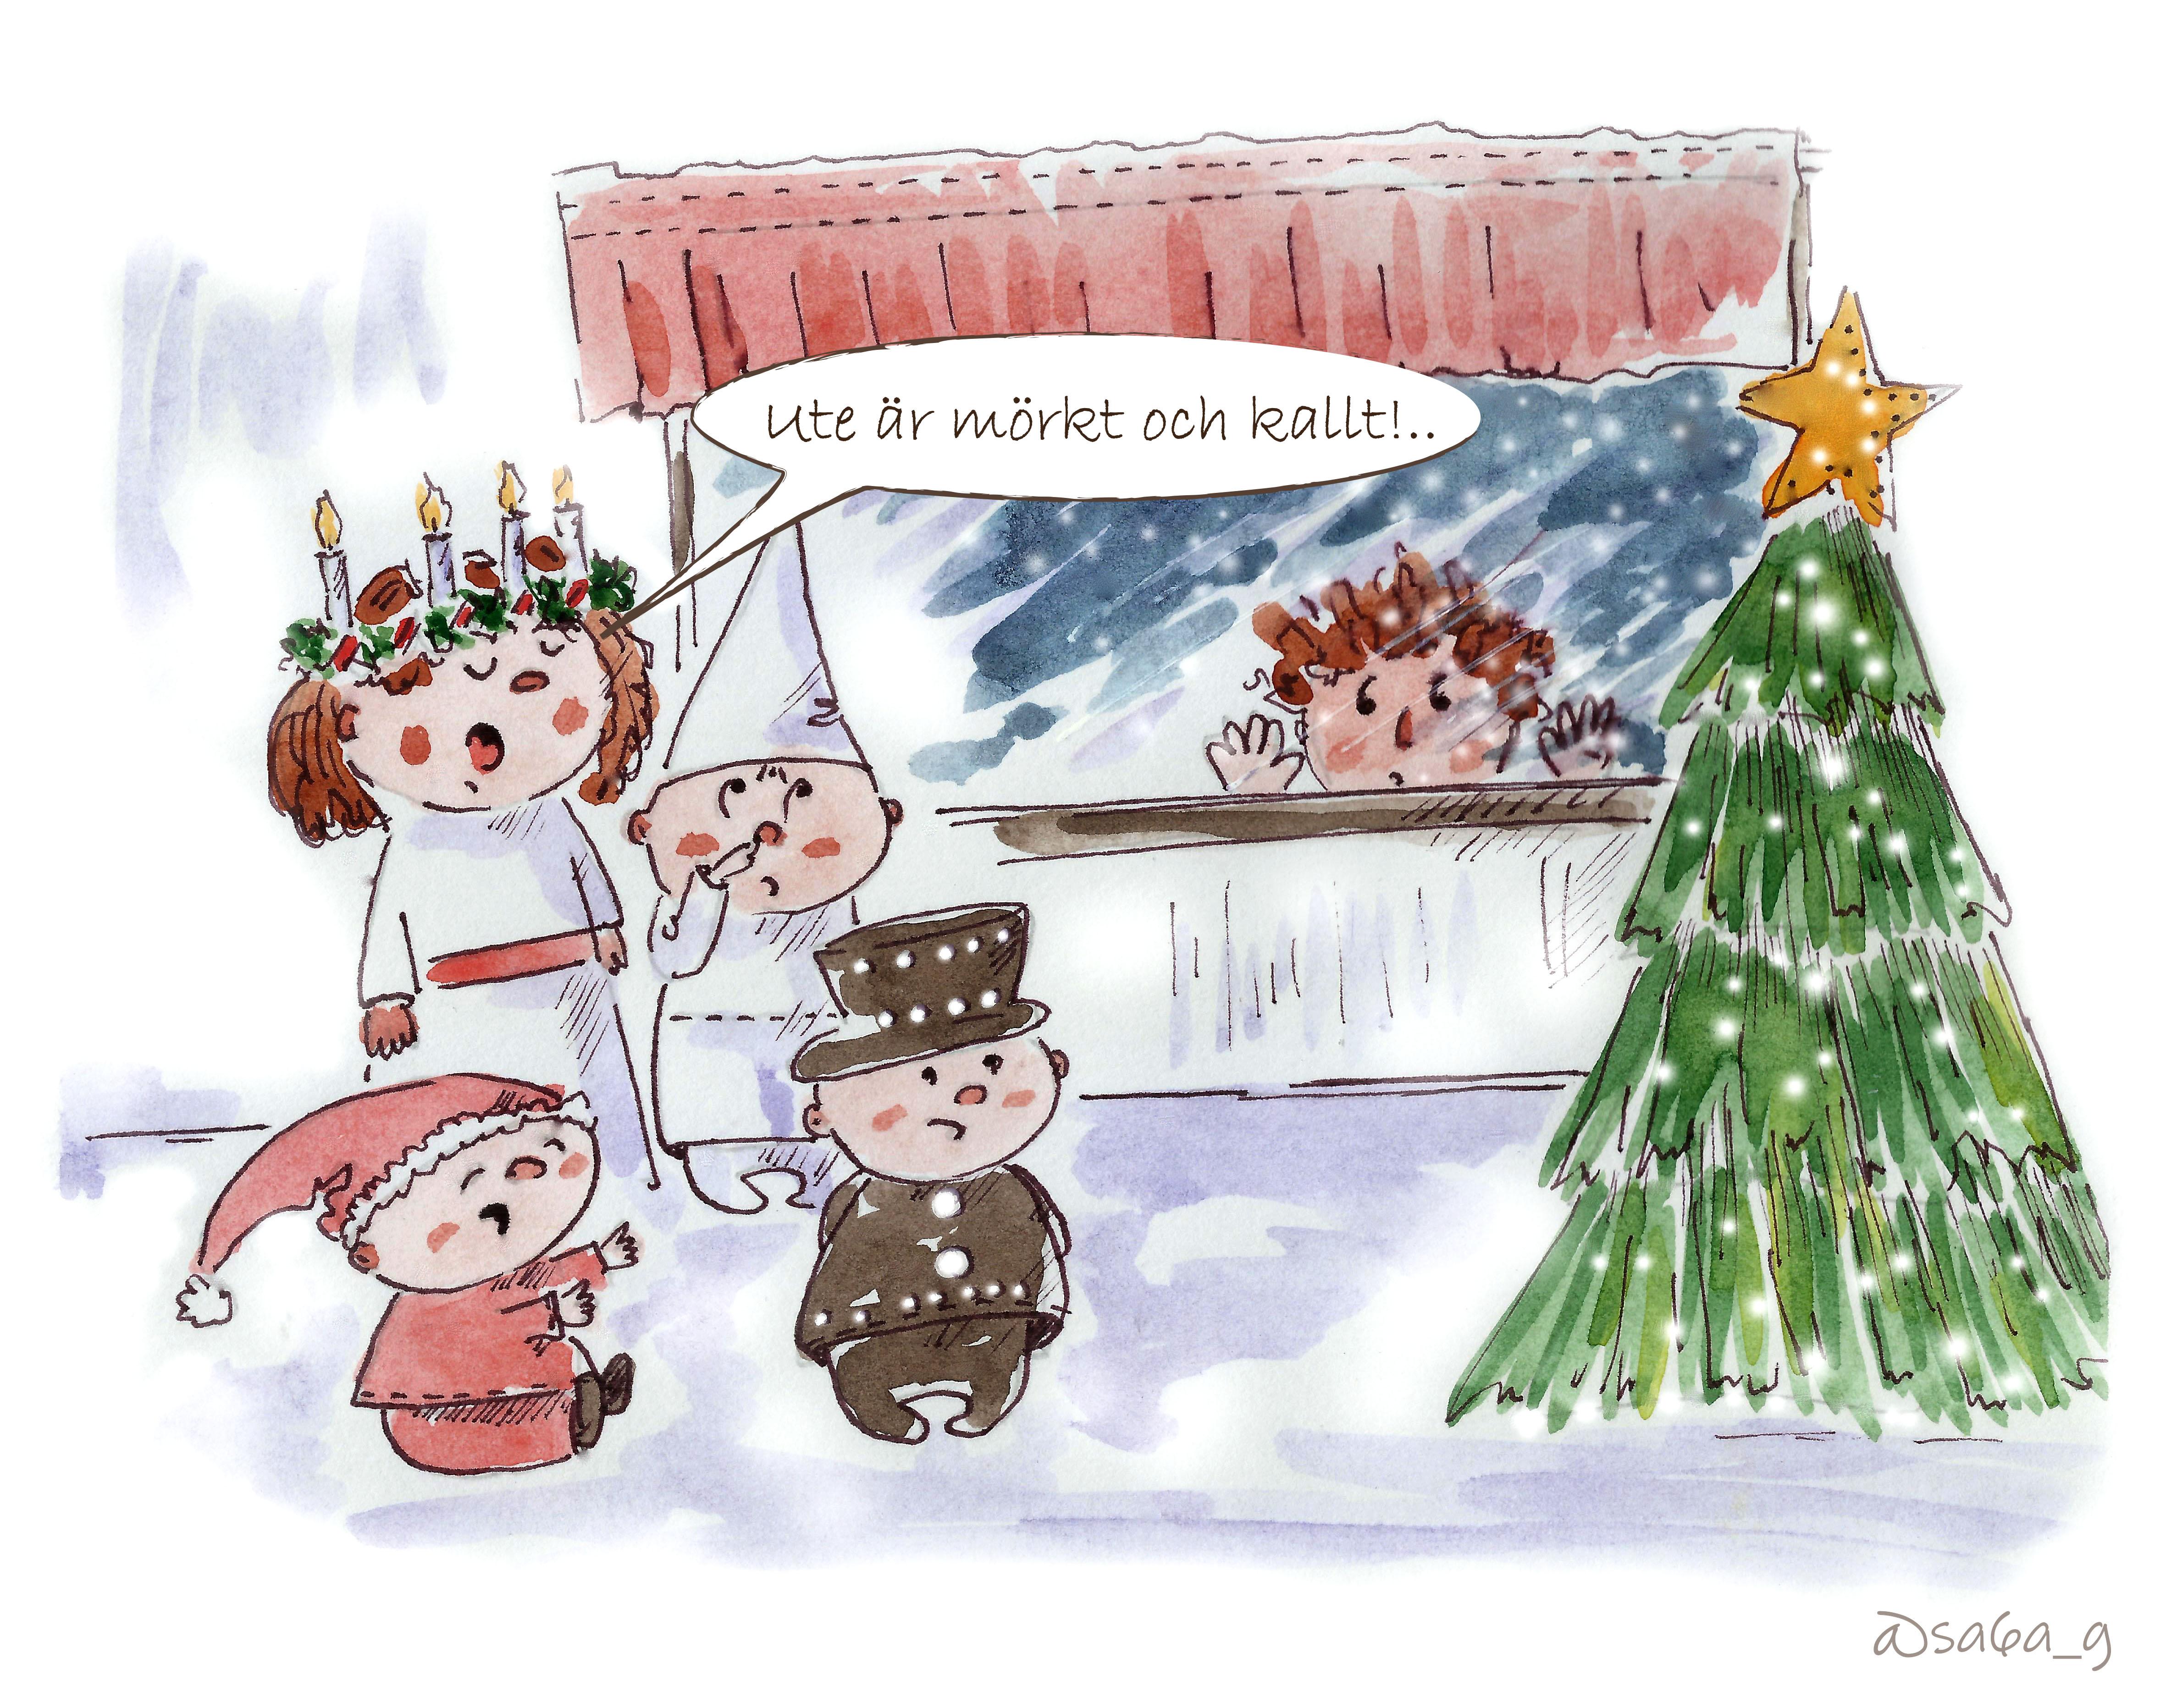 """Luciaklädda barn står inomhus och sjunger """"Ute är mörkt och kallt"""". Jag står utanför fönstret och tittar in."""